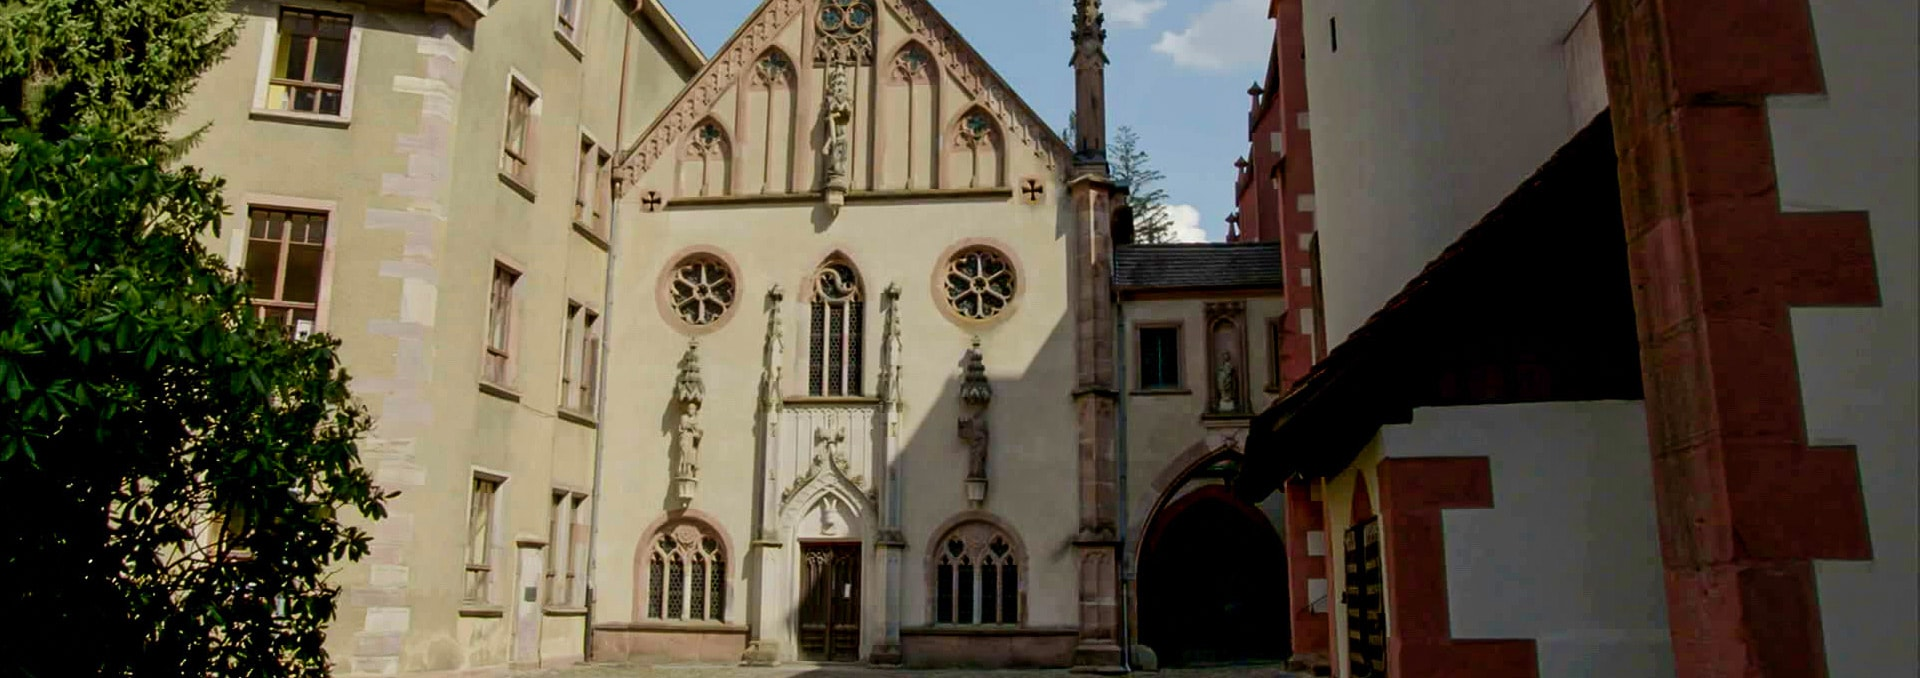 Fassade der Fürstenkapelle